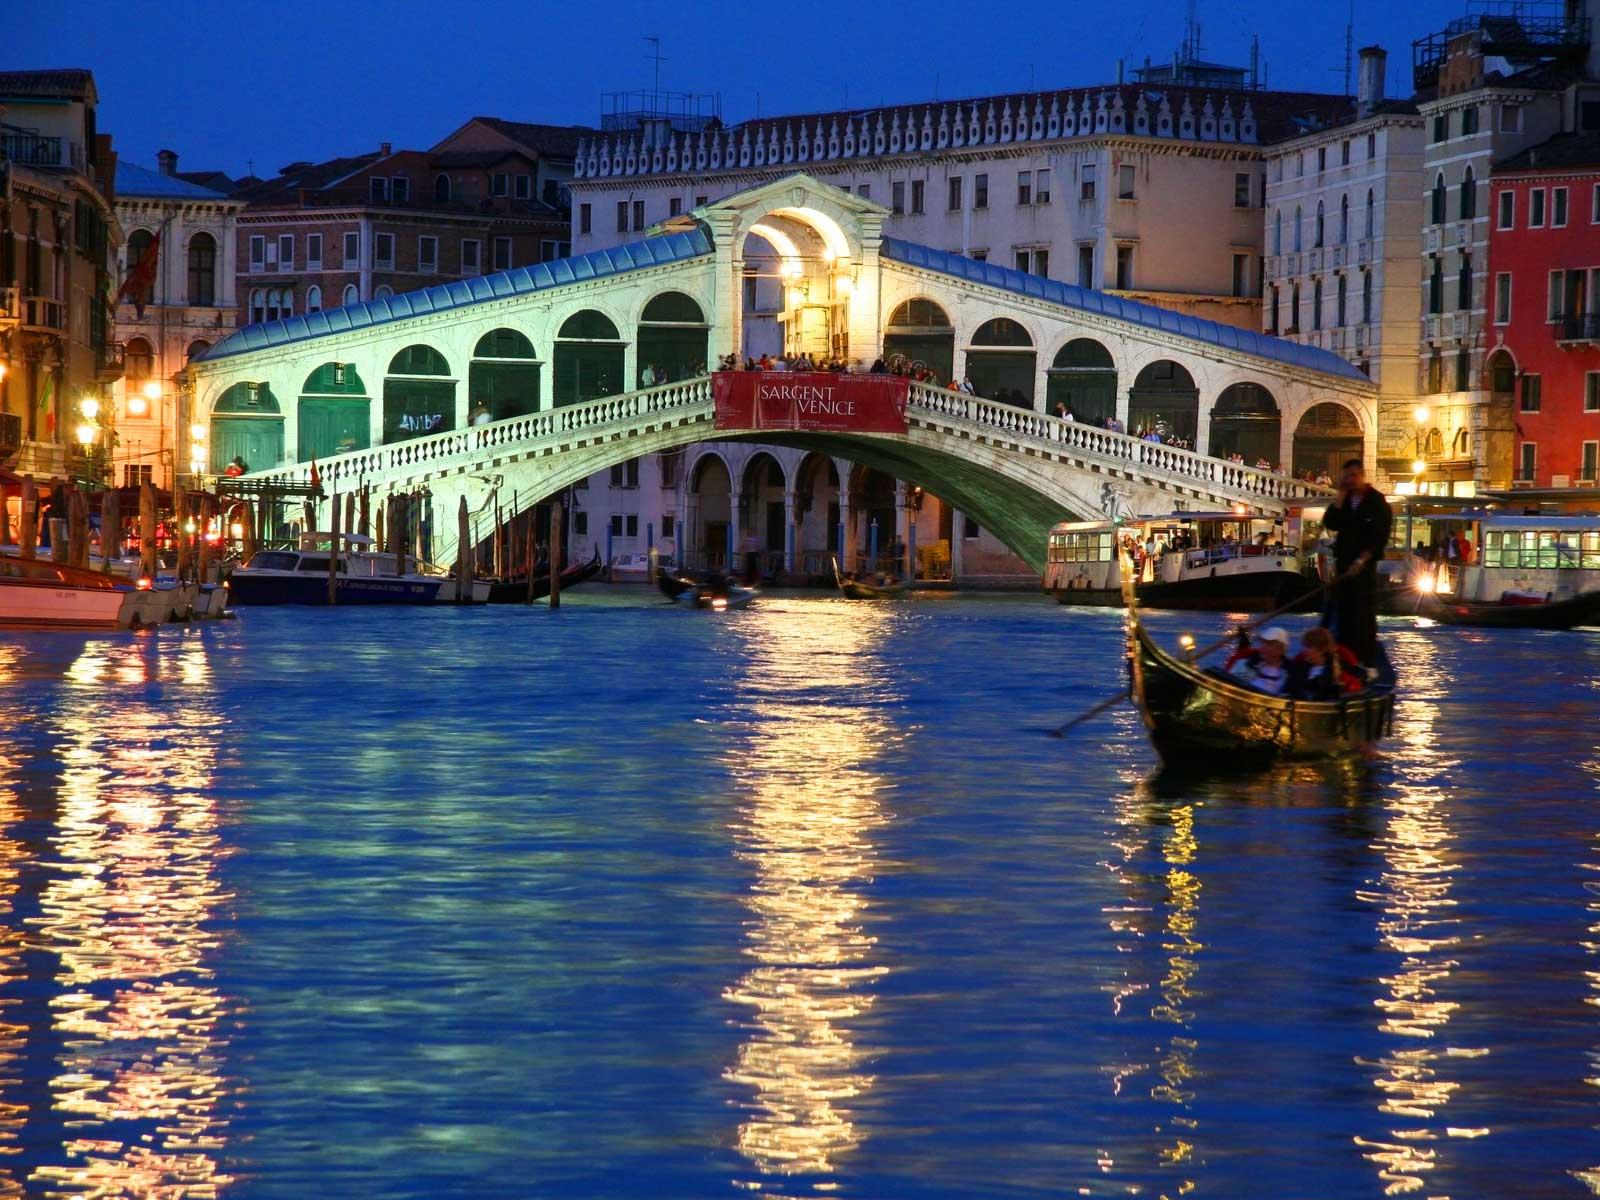 Hotel De Ville Venise